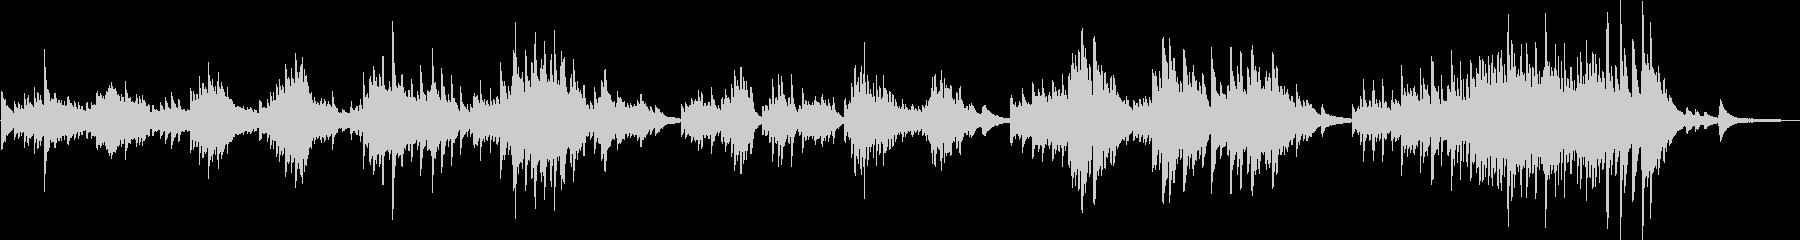 決意(ピアノソロ・リベンジ・切ない)の未再生の波形